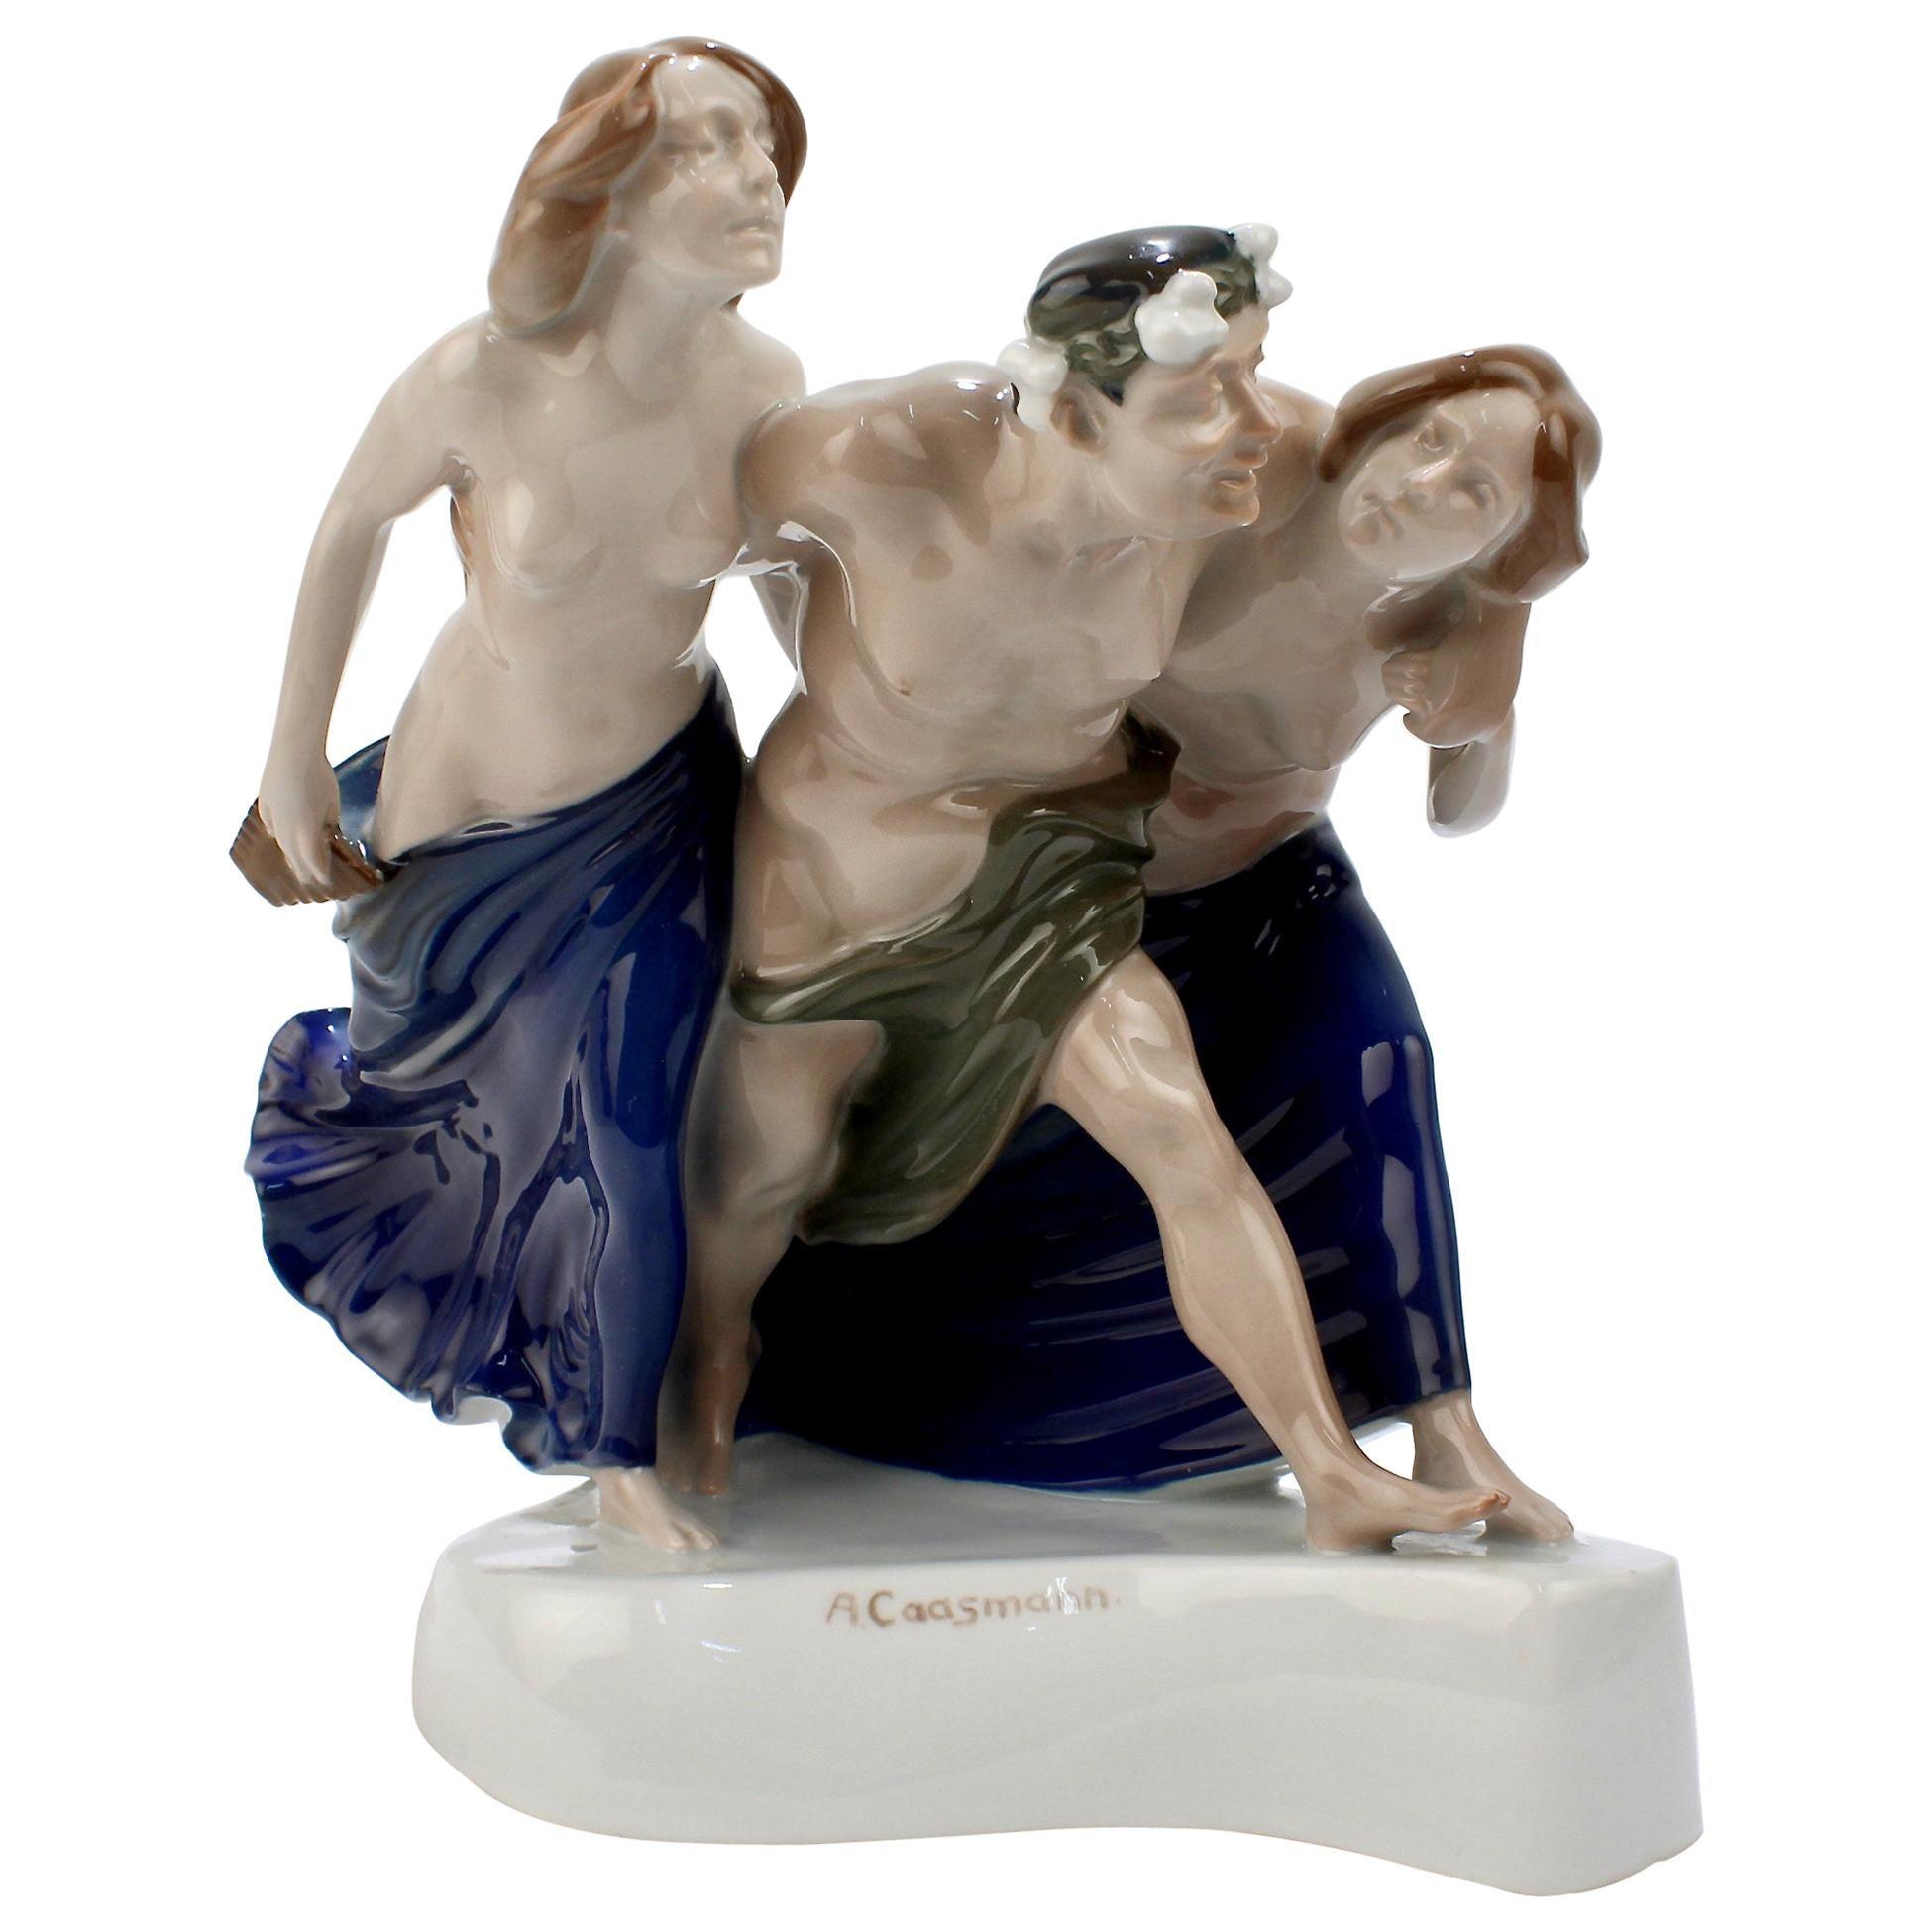 Art Nouveau Rosenthal Porcelain Figurine of Storming Bacchantes by A. Cassmann